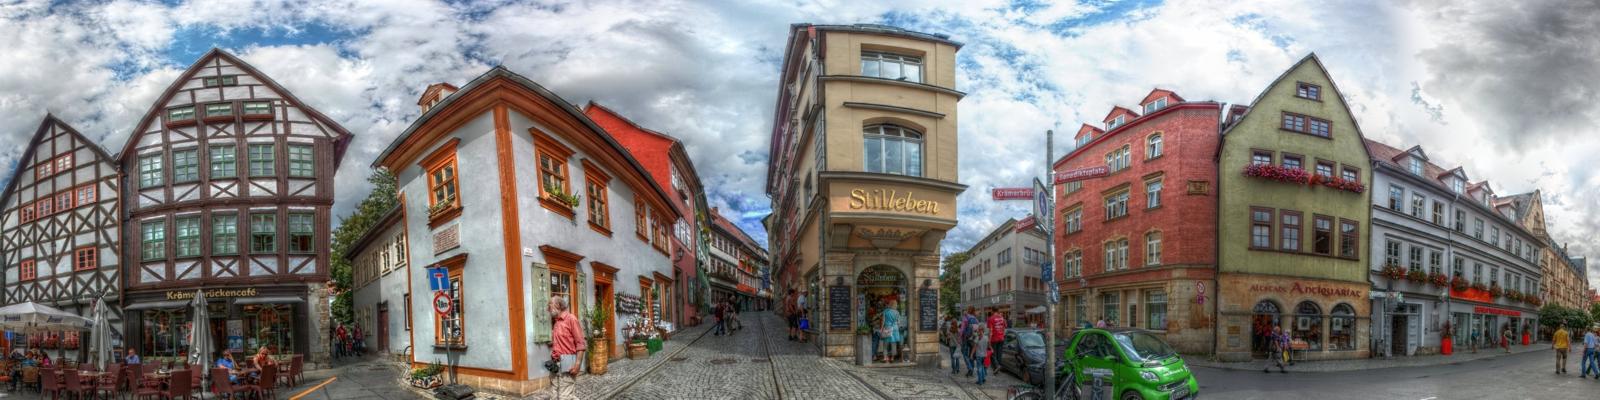 Erfurt Blick in die Krämerbrücke